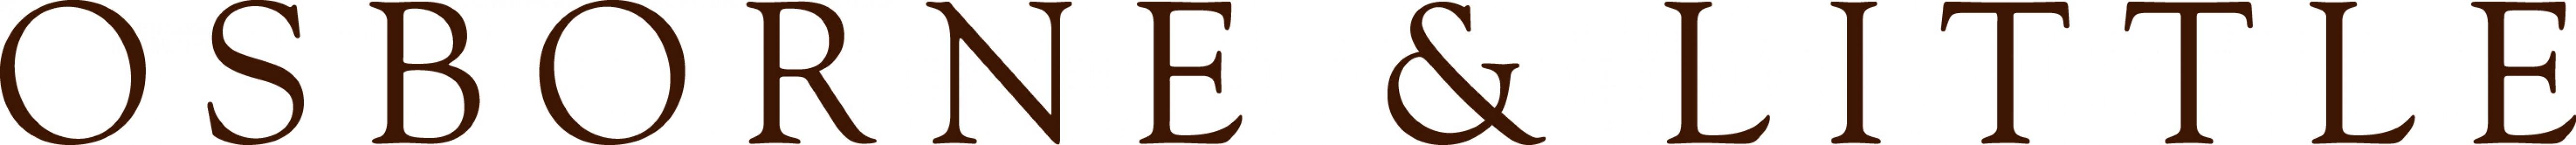 Osborne & Little logotyp